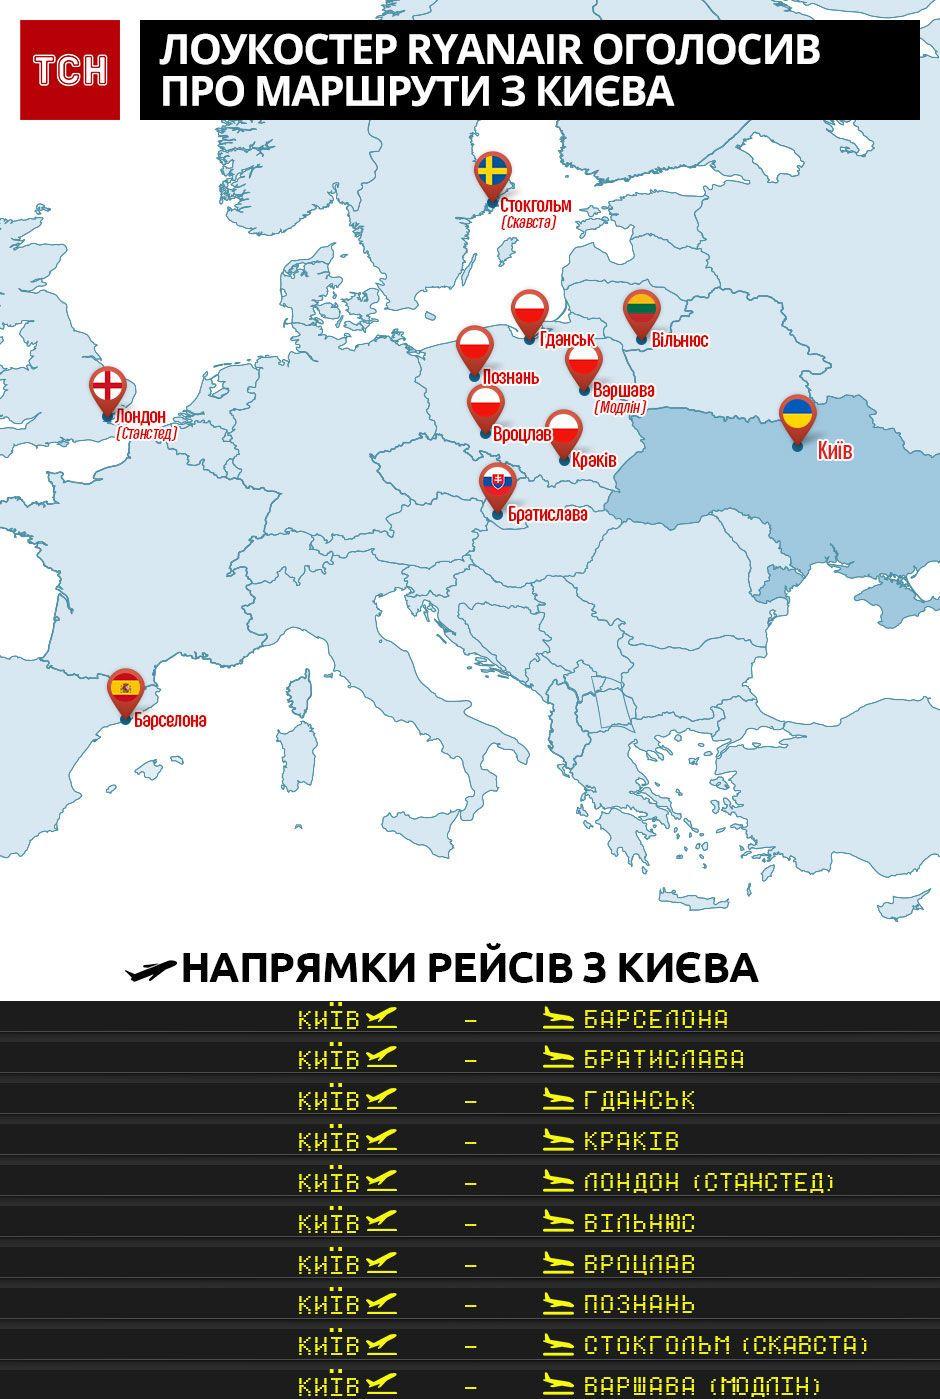 Інфографіка (маршрути з Києва)